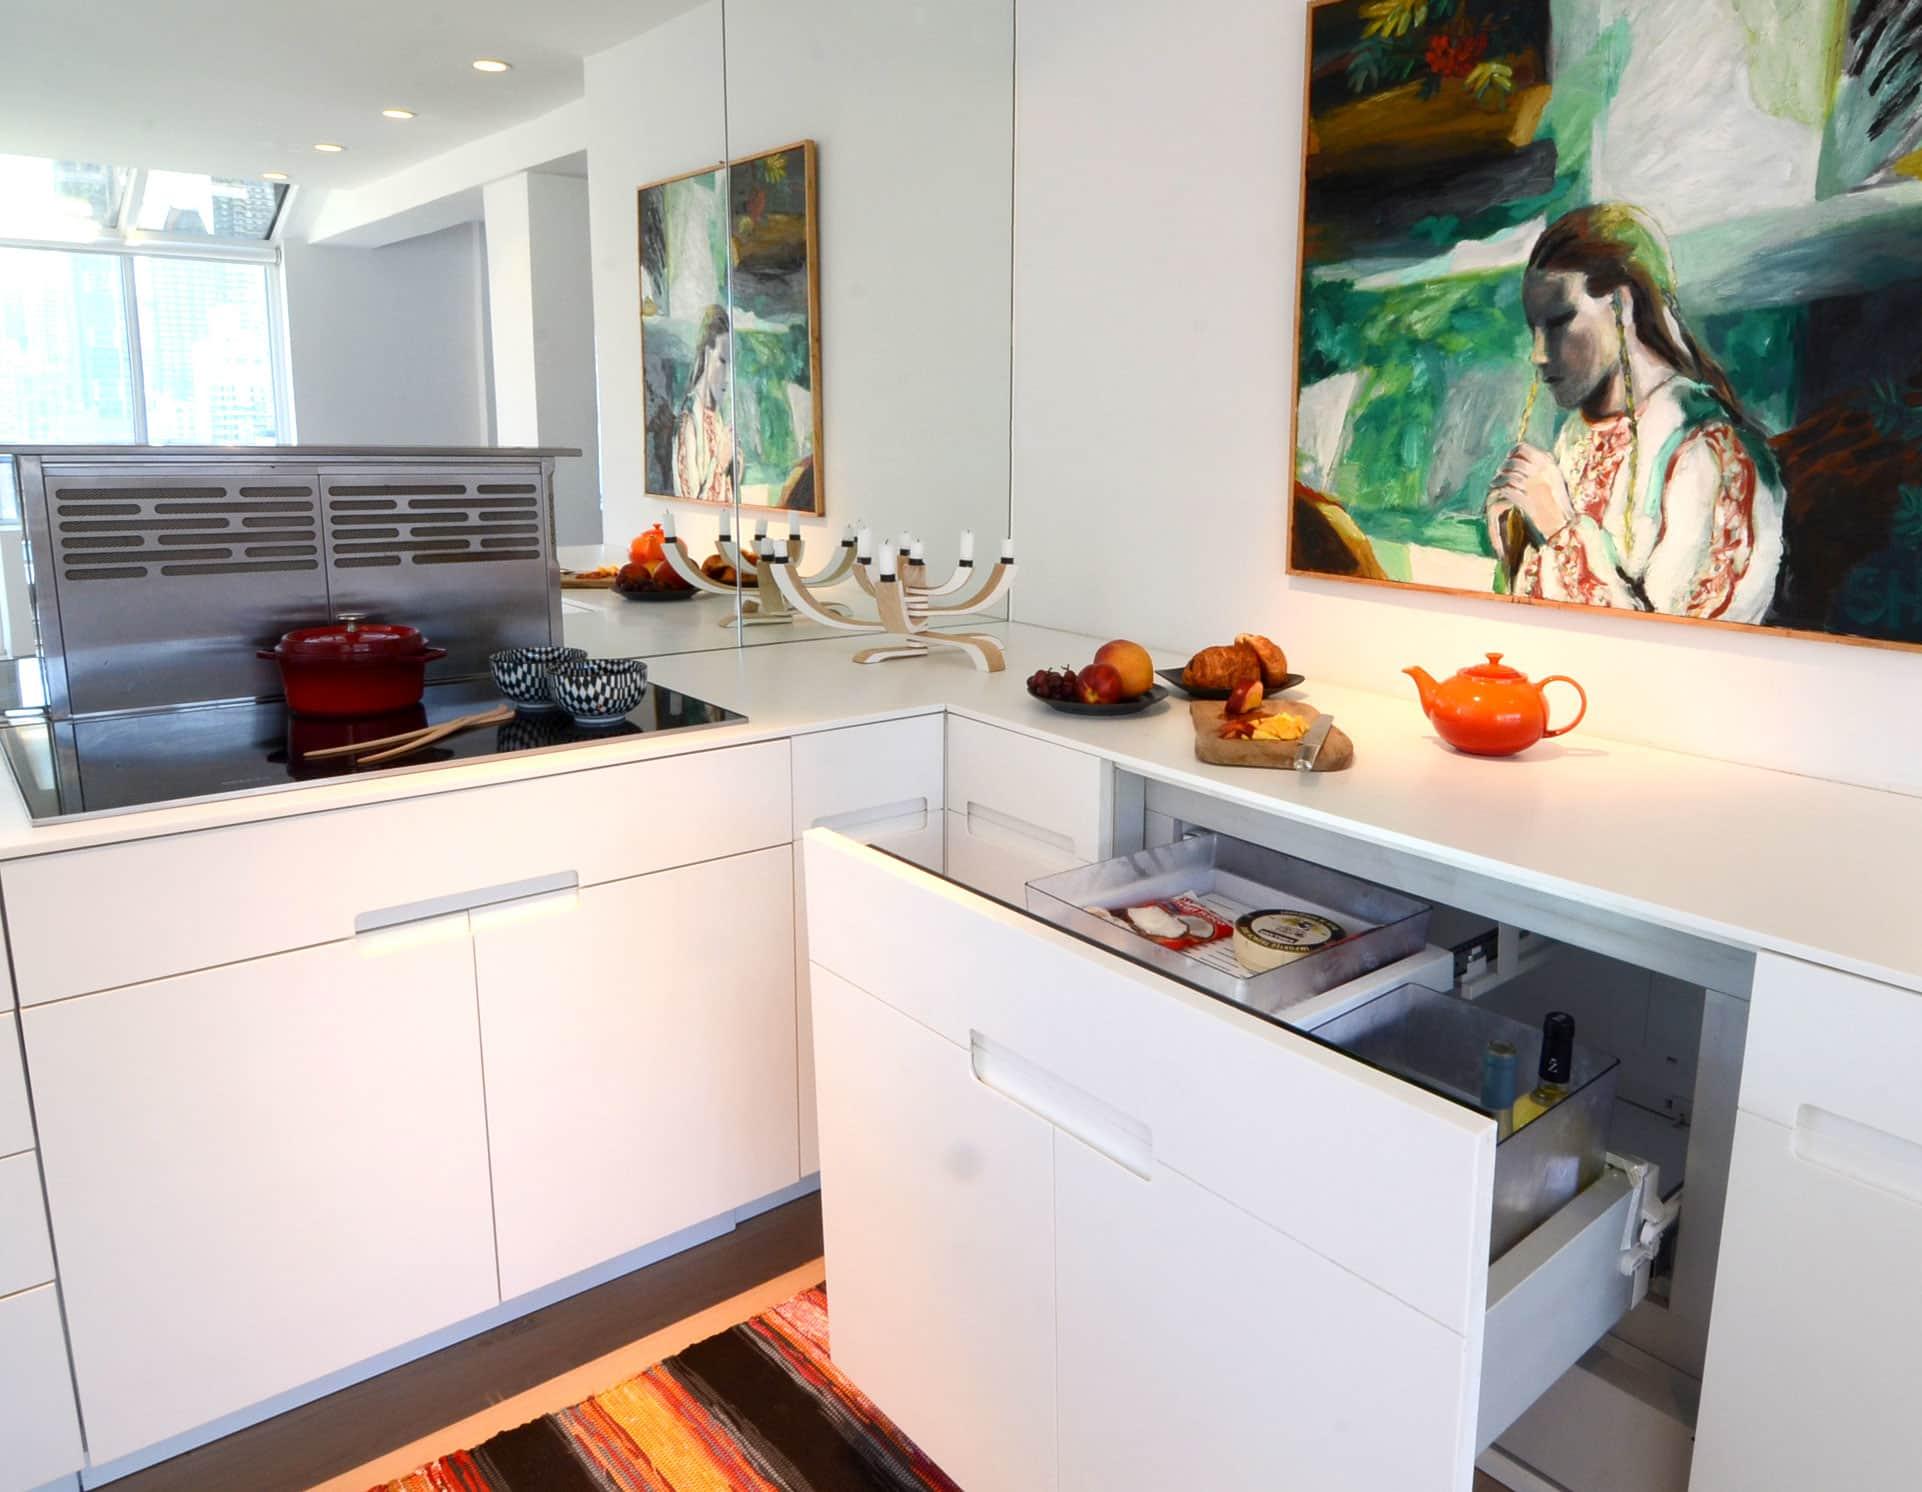 Cecilia's Sleek High-Design Kitchen: gallery image 4